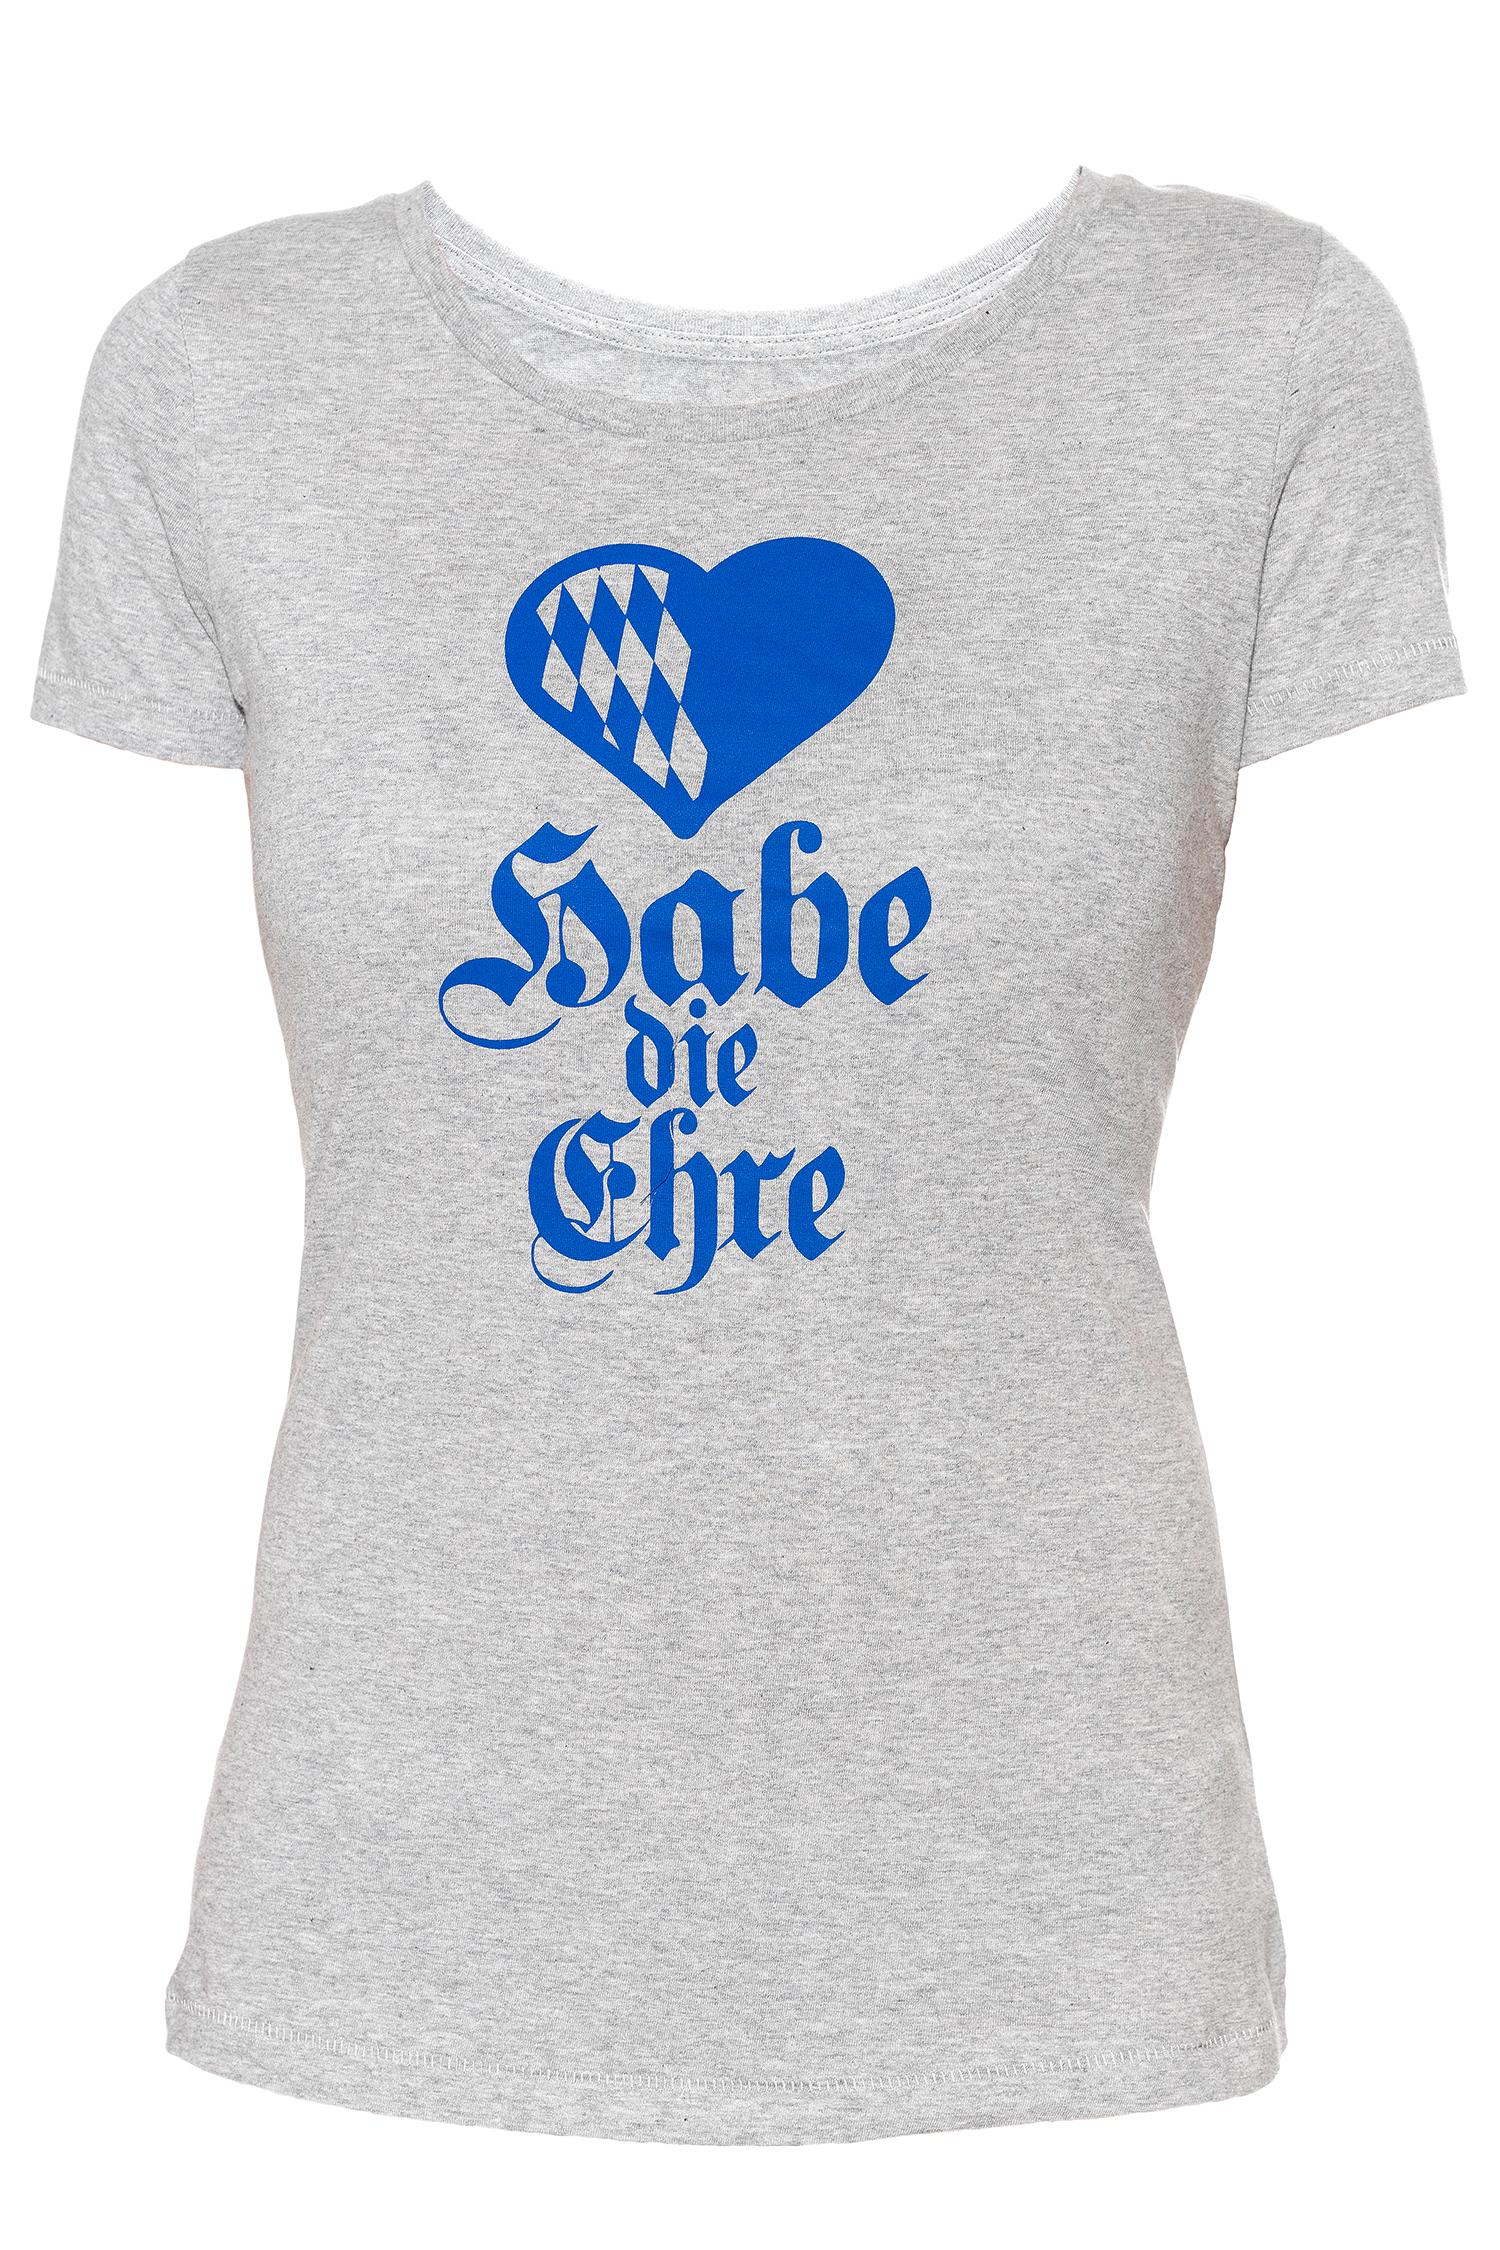 T-Shirt Habe die Ehre Damen